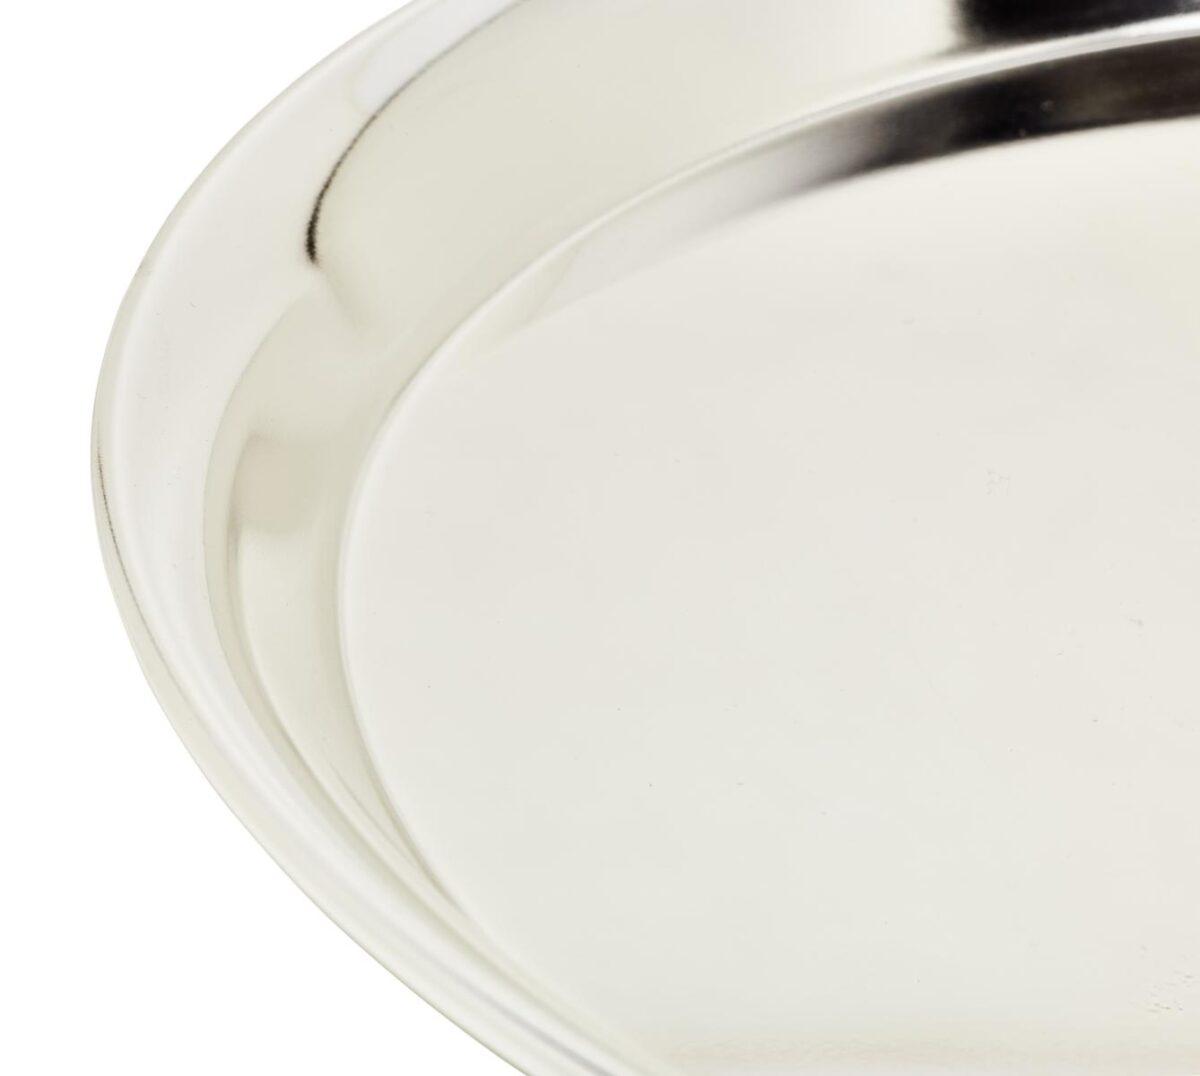 1006 EDZARD Tablett, Serviertablett Marlene, rund, Edelstahl hochglanzpoliert 34 cm